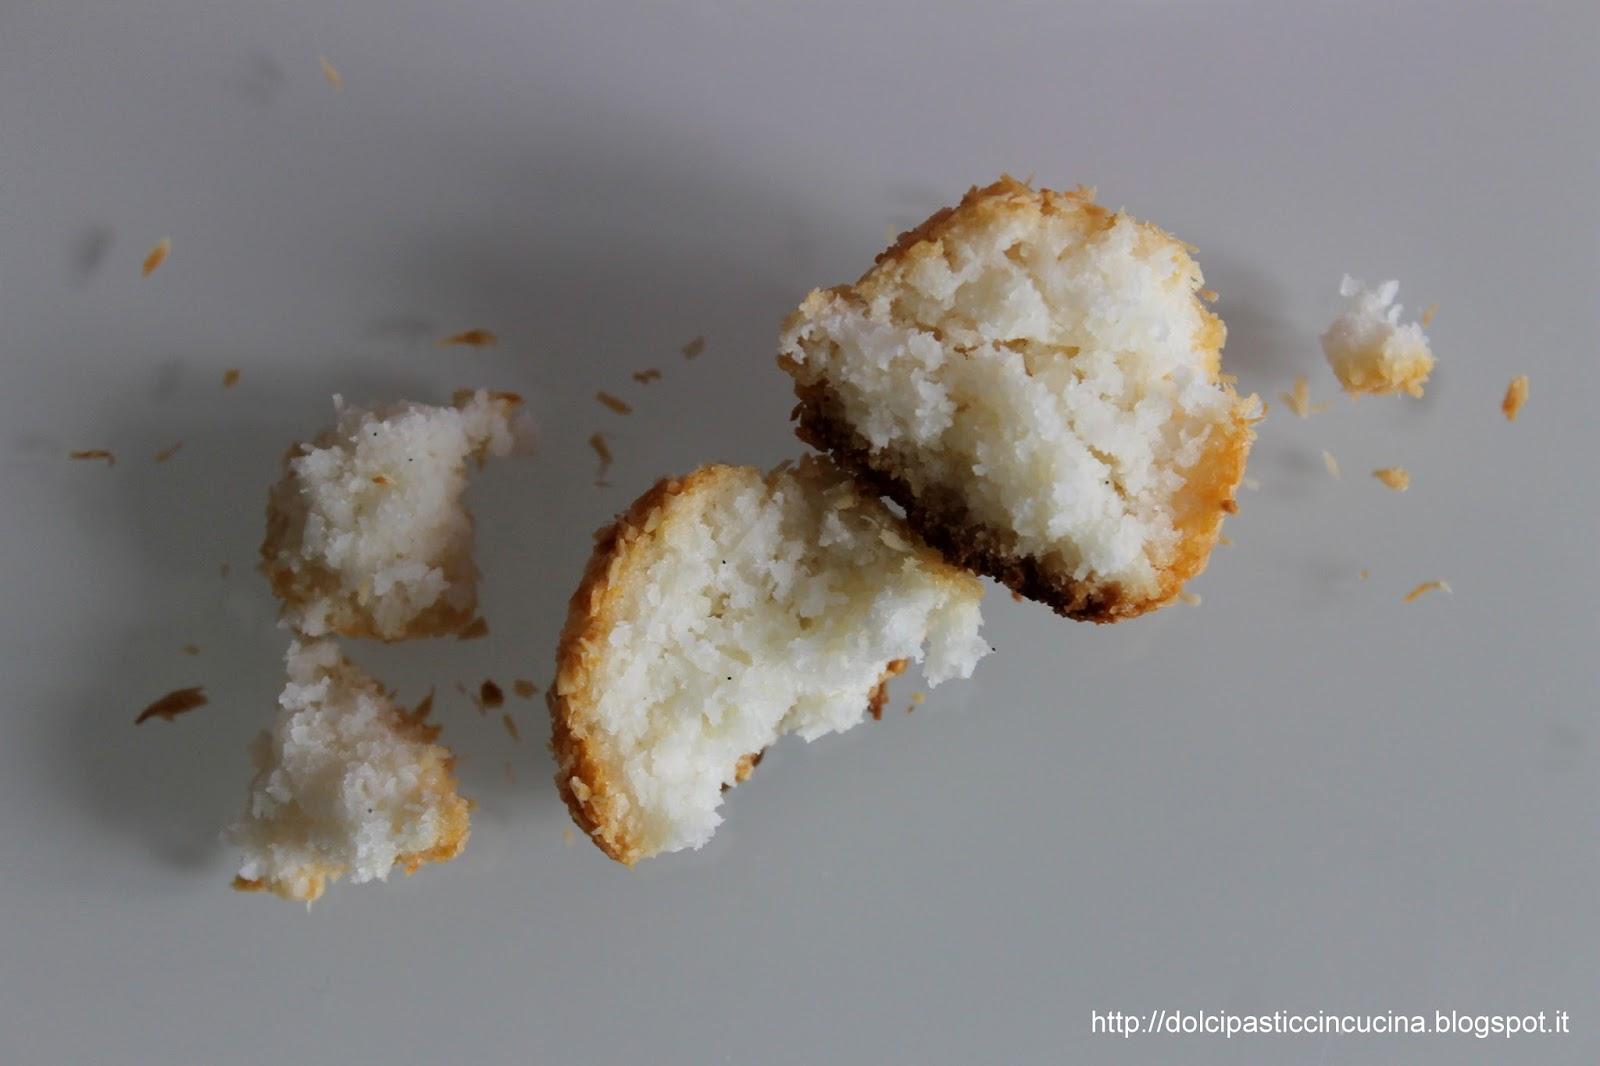 InCucinaColCuore Biscotti al cocco